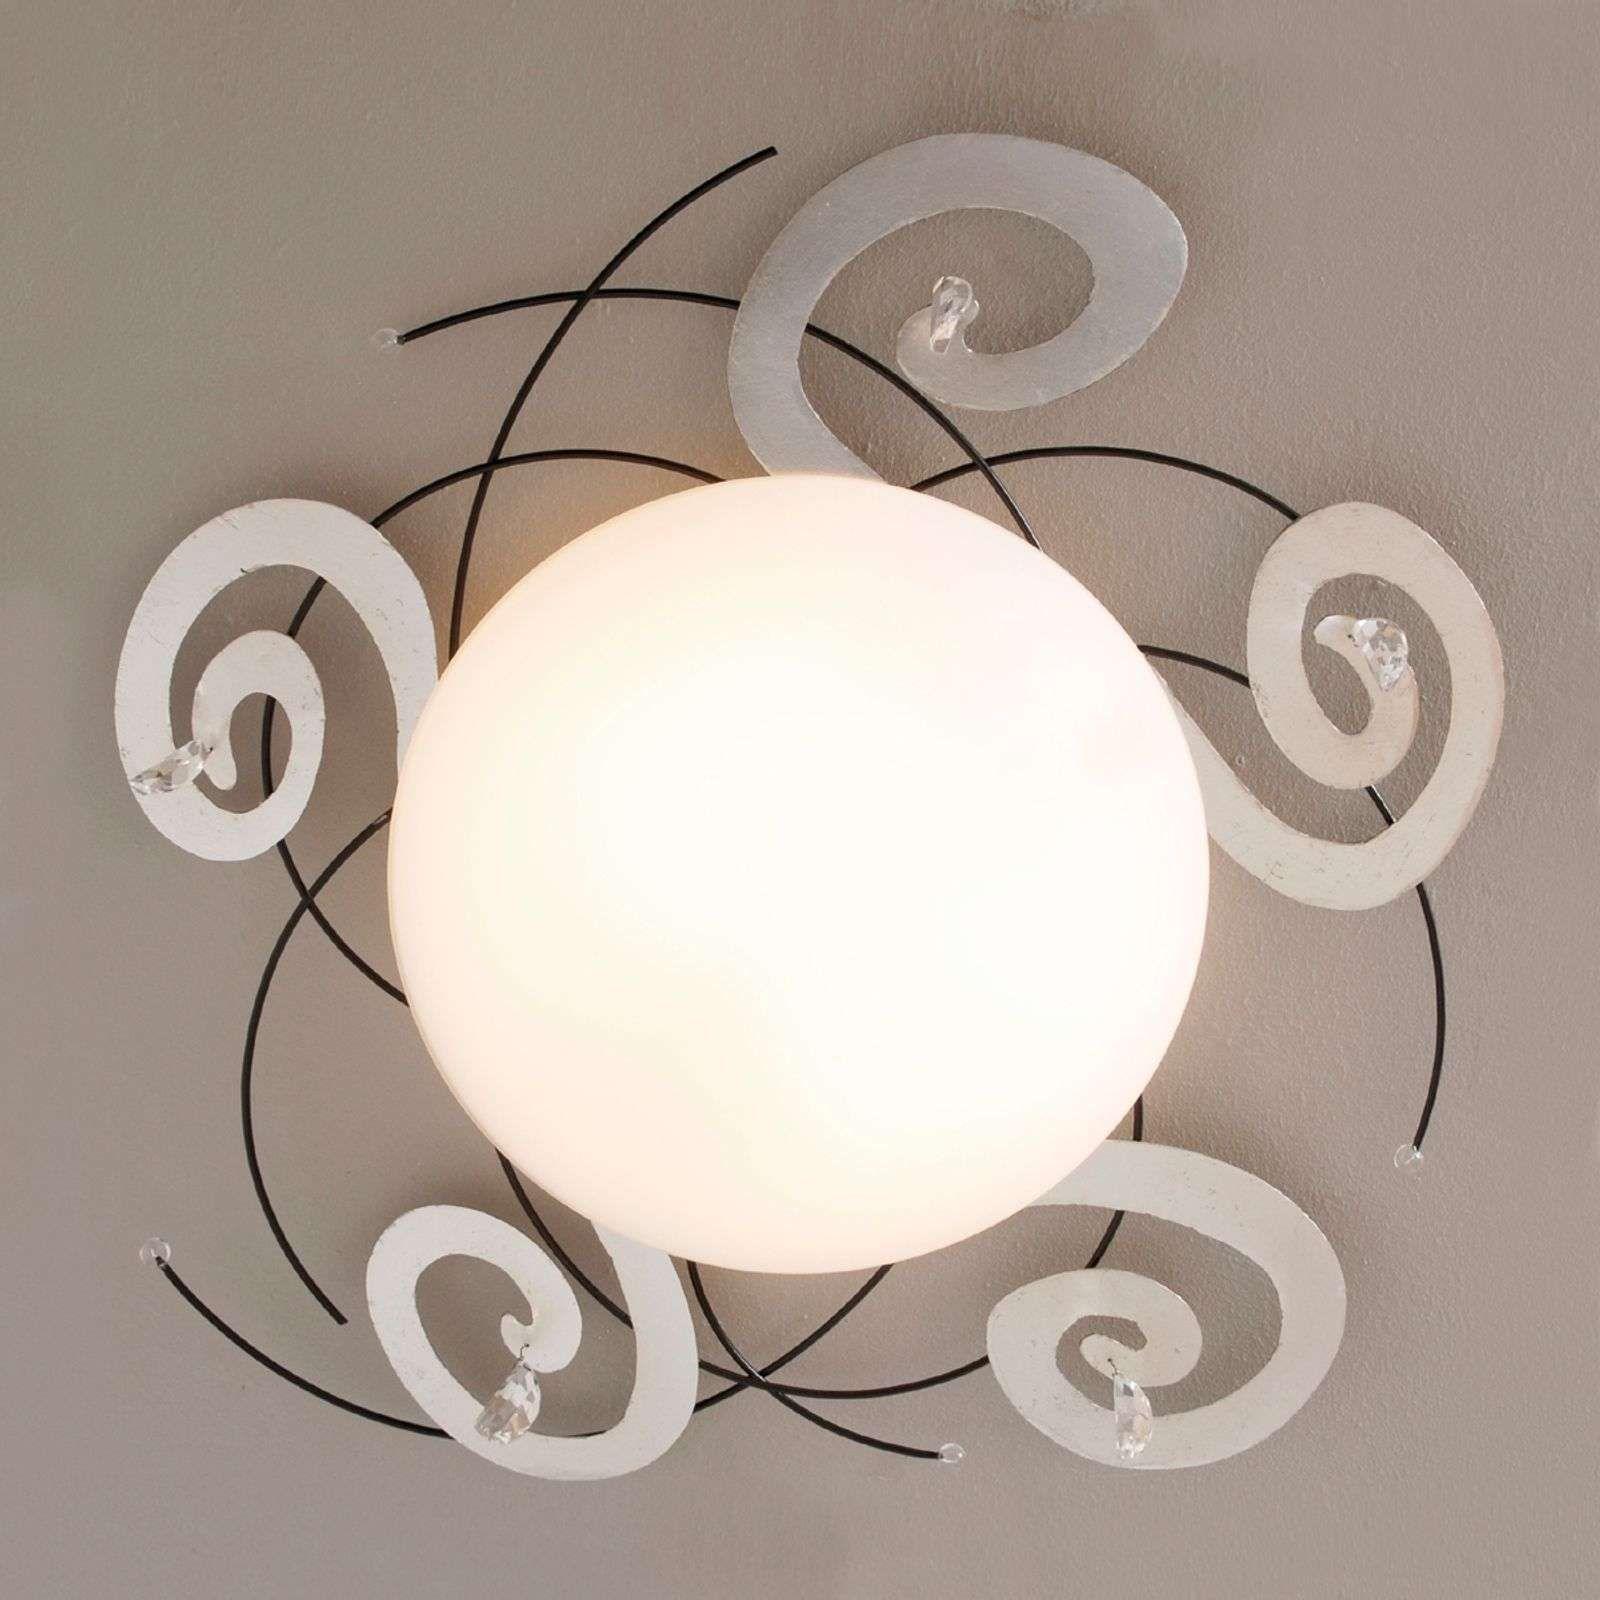 Design Plafond Lamp Plafondverlichting Slaapkamer Led Plafonniere Praxis Plafondlamp Ophangen Centraaldoos Plafondlamp Plafond Decor Plafondverlichting